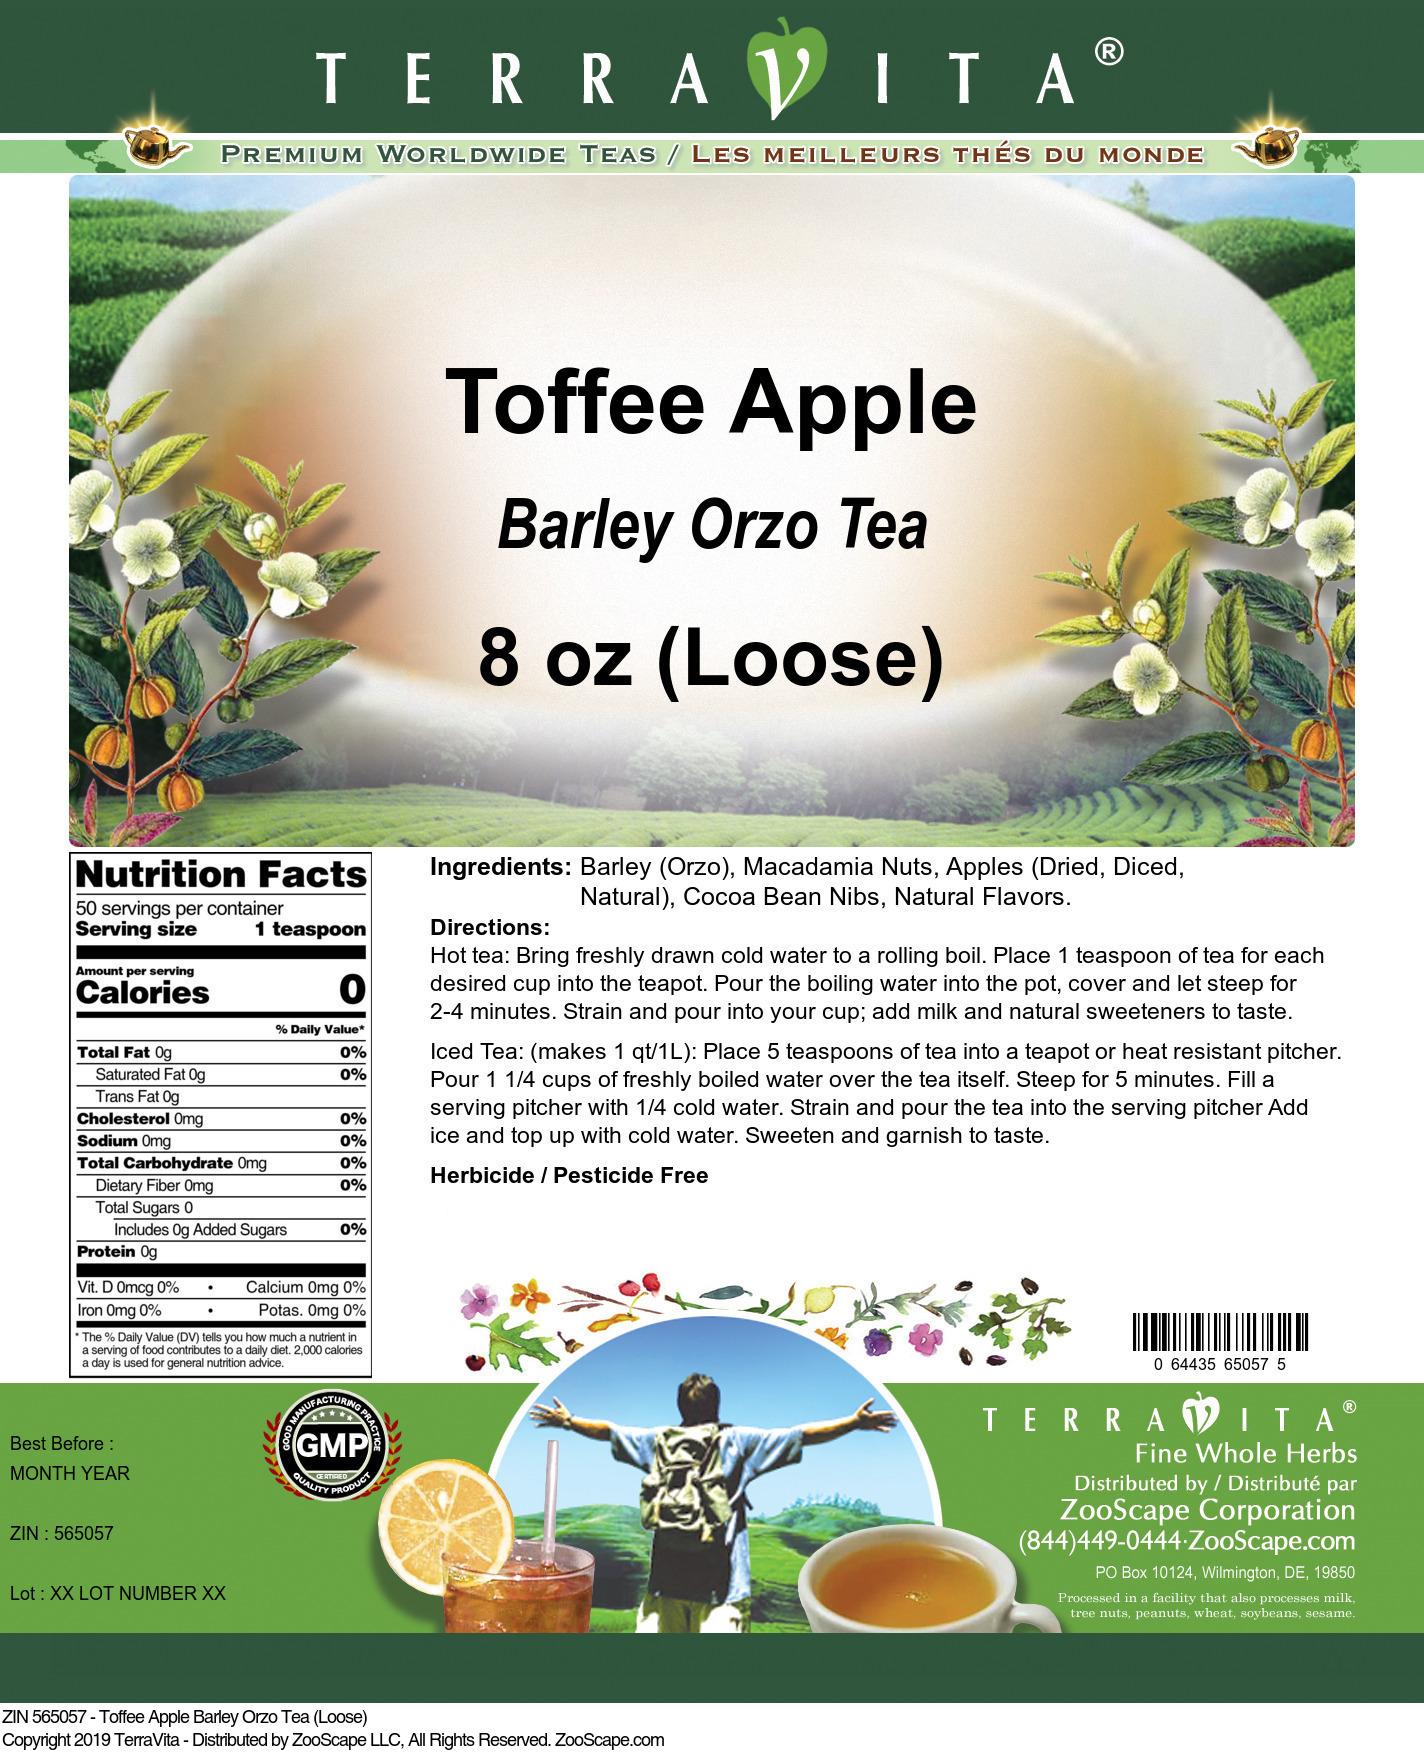 Toffee Apple Barley Orzo Tea (Loose)